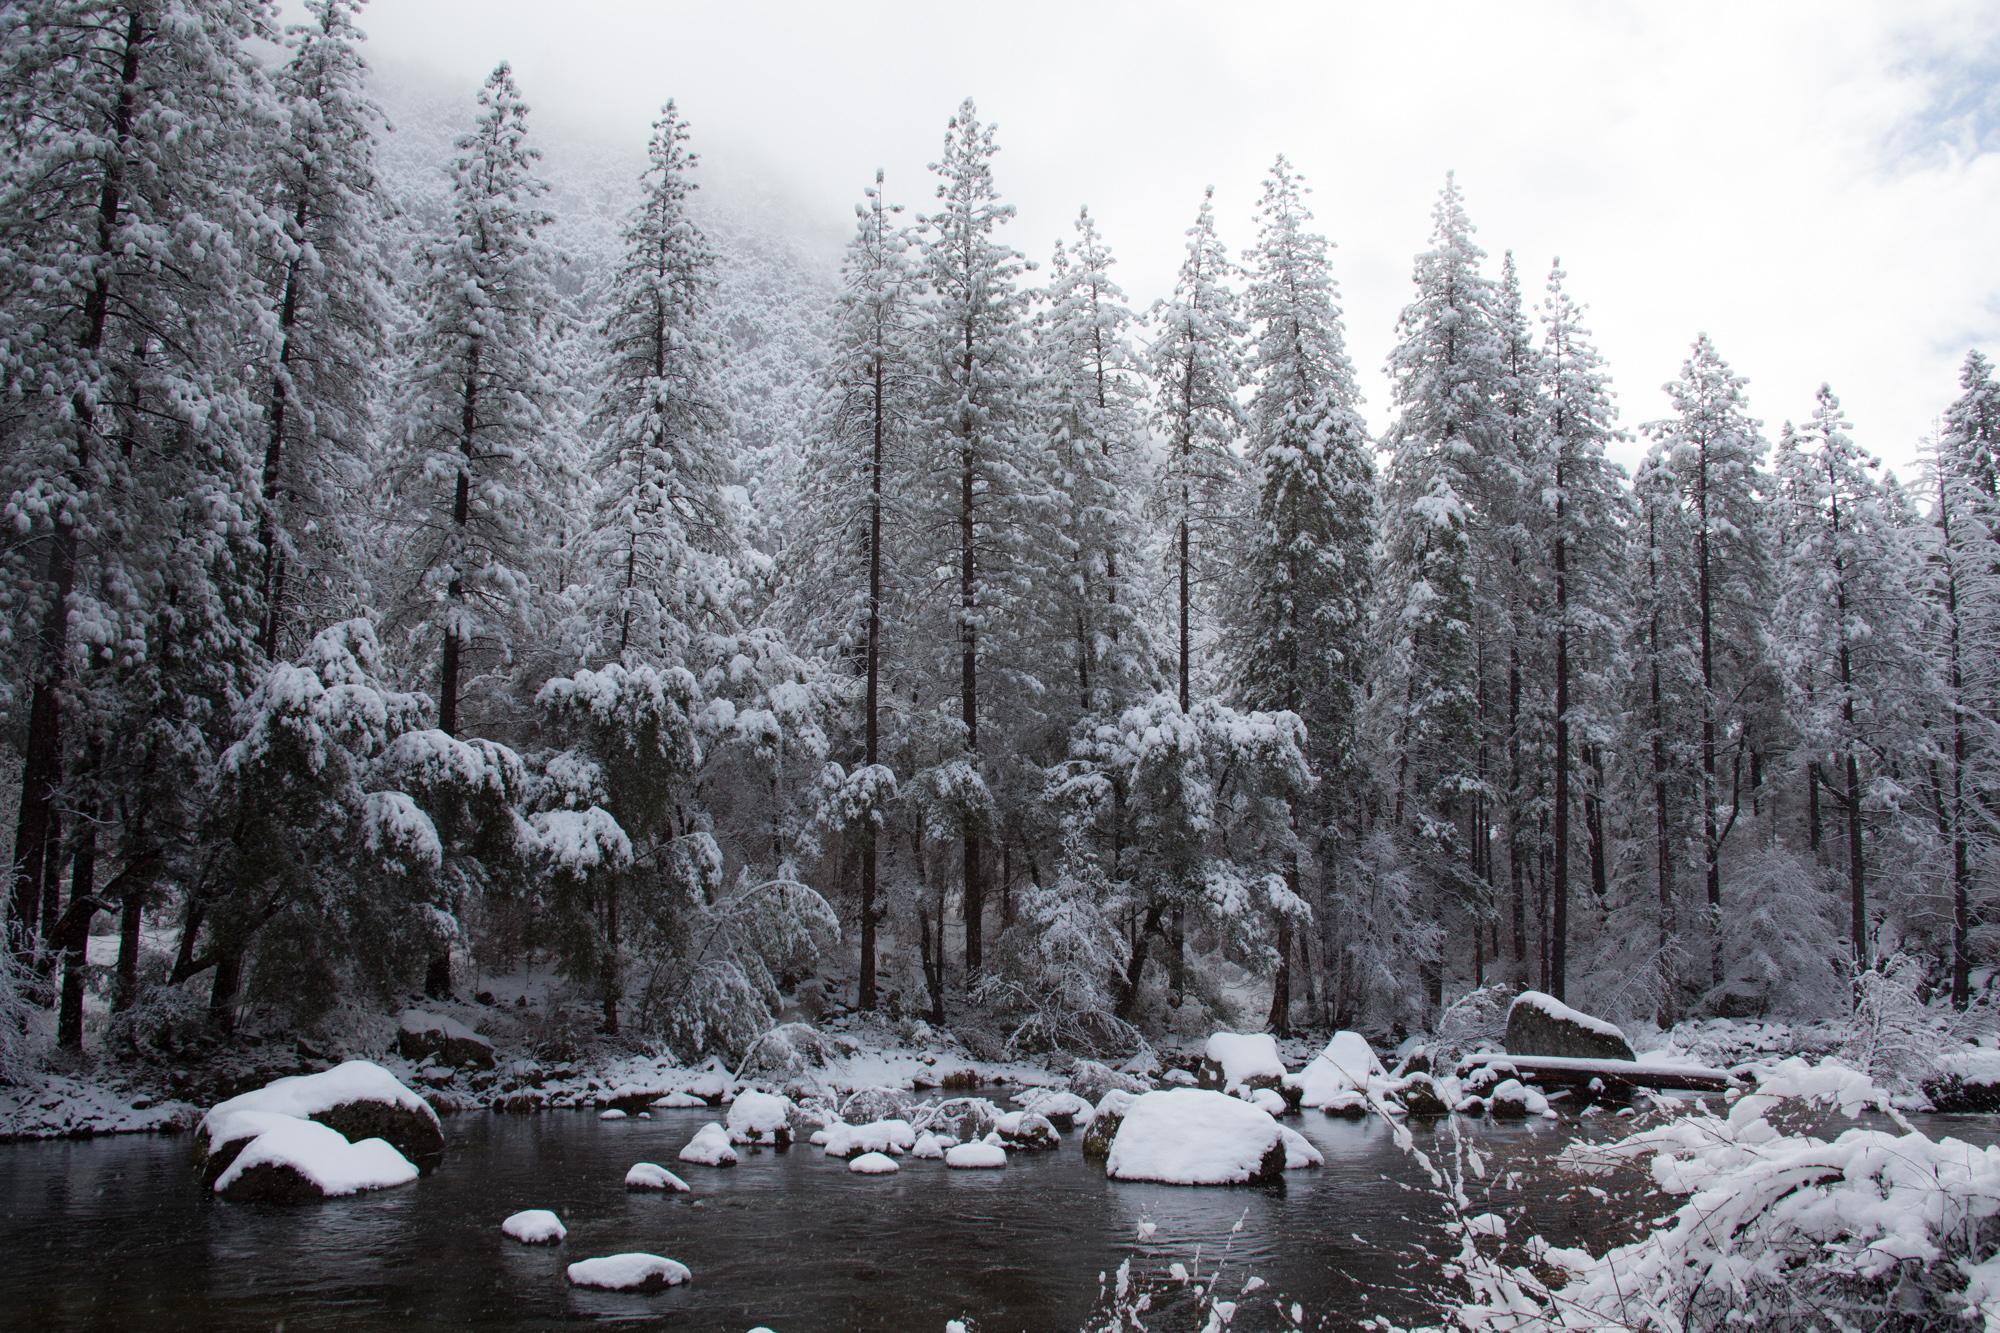 2019-02 Yosemite-16.jpg